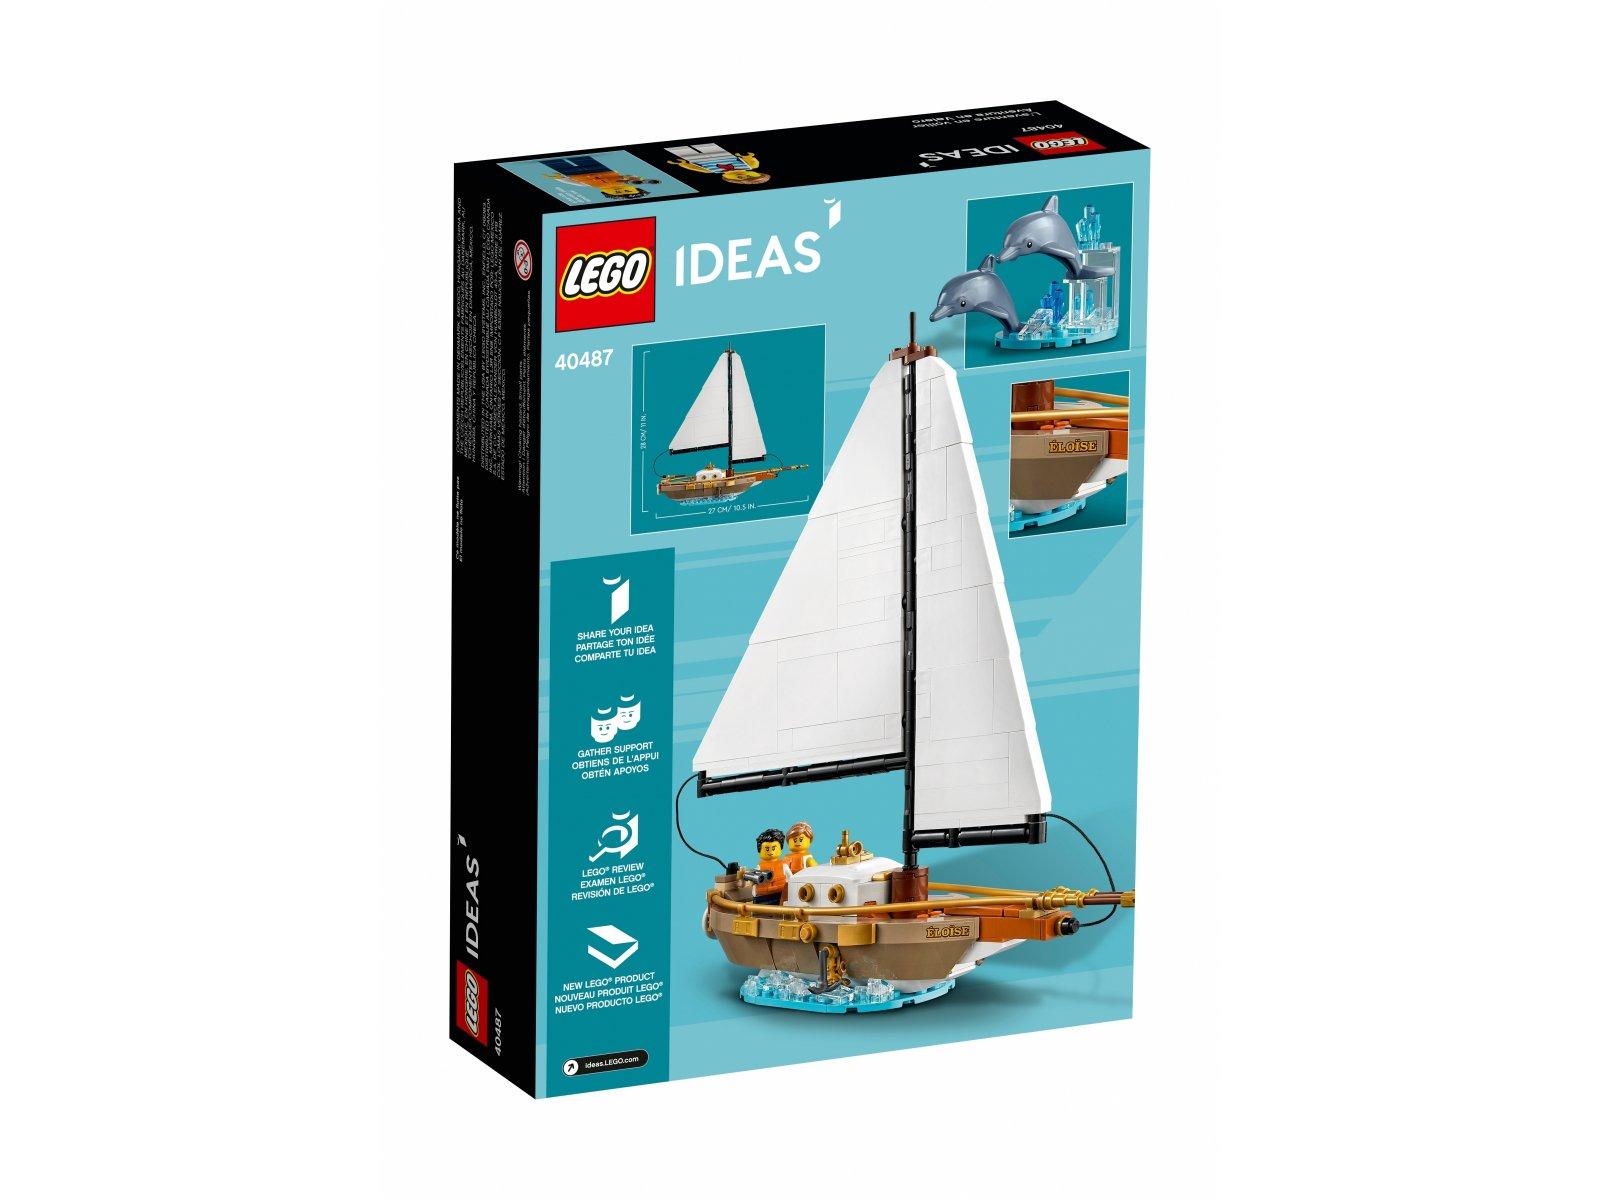 LEGO Ideas 40487 Przygoda na żaglowcu